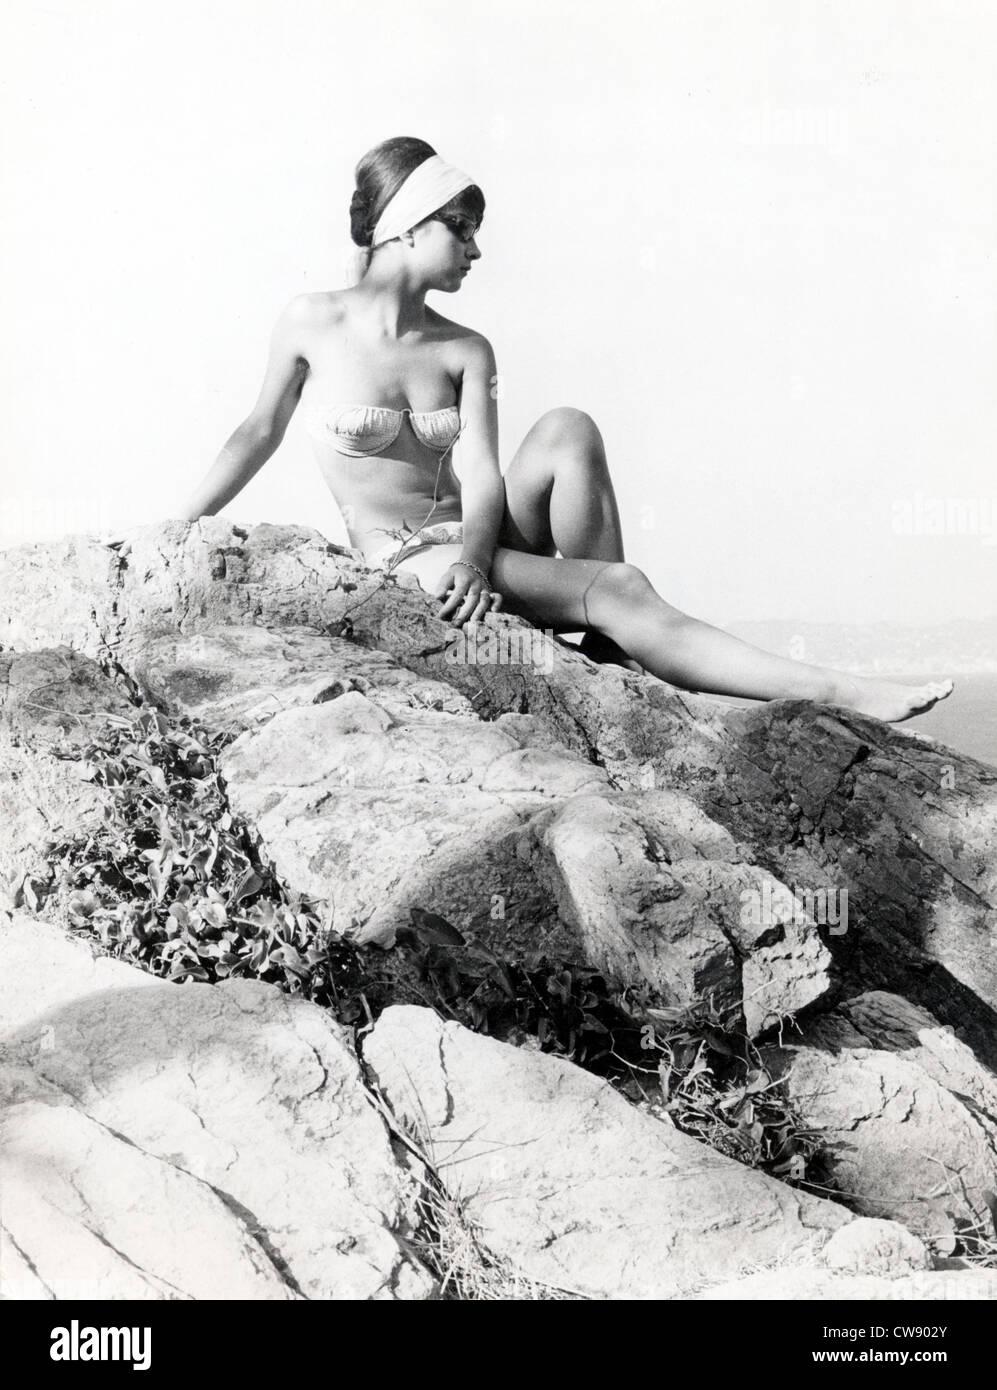 Un turista en los '60s Imagen De Stock